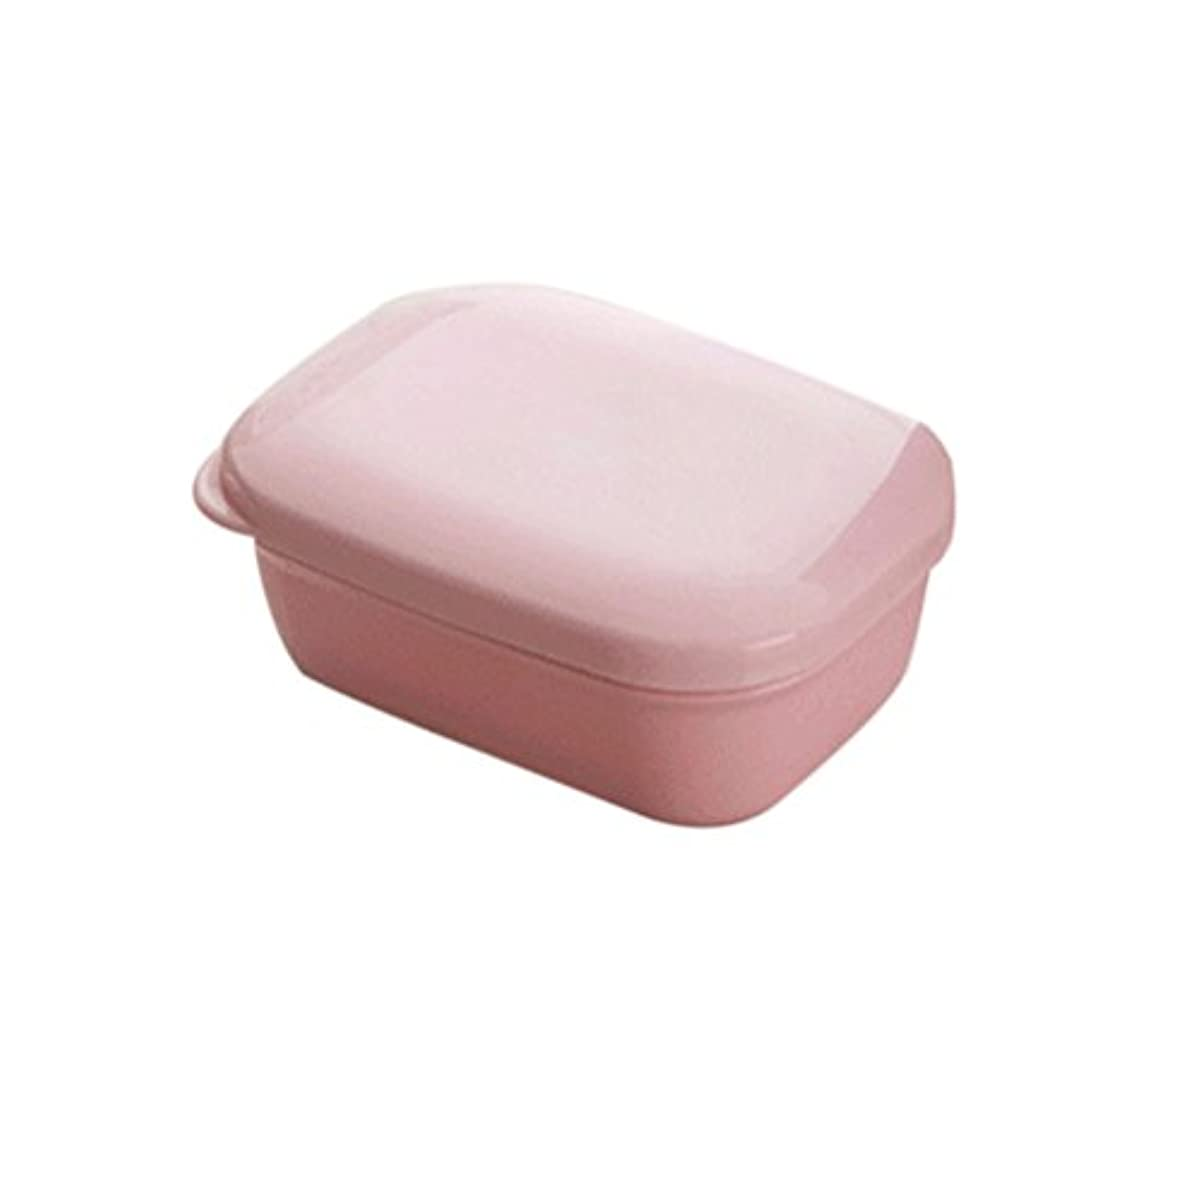 引き算広告主債務者BESTOMZ 石鹸ケース 石鹸置き ソープディッシュ 旅行用 携帯 ふた付け(ピンク)